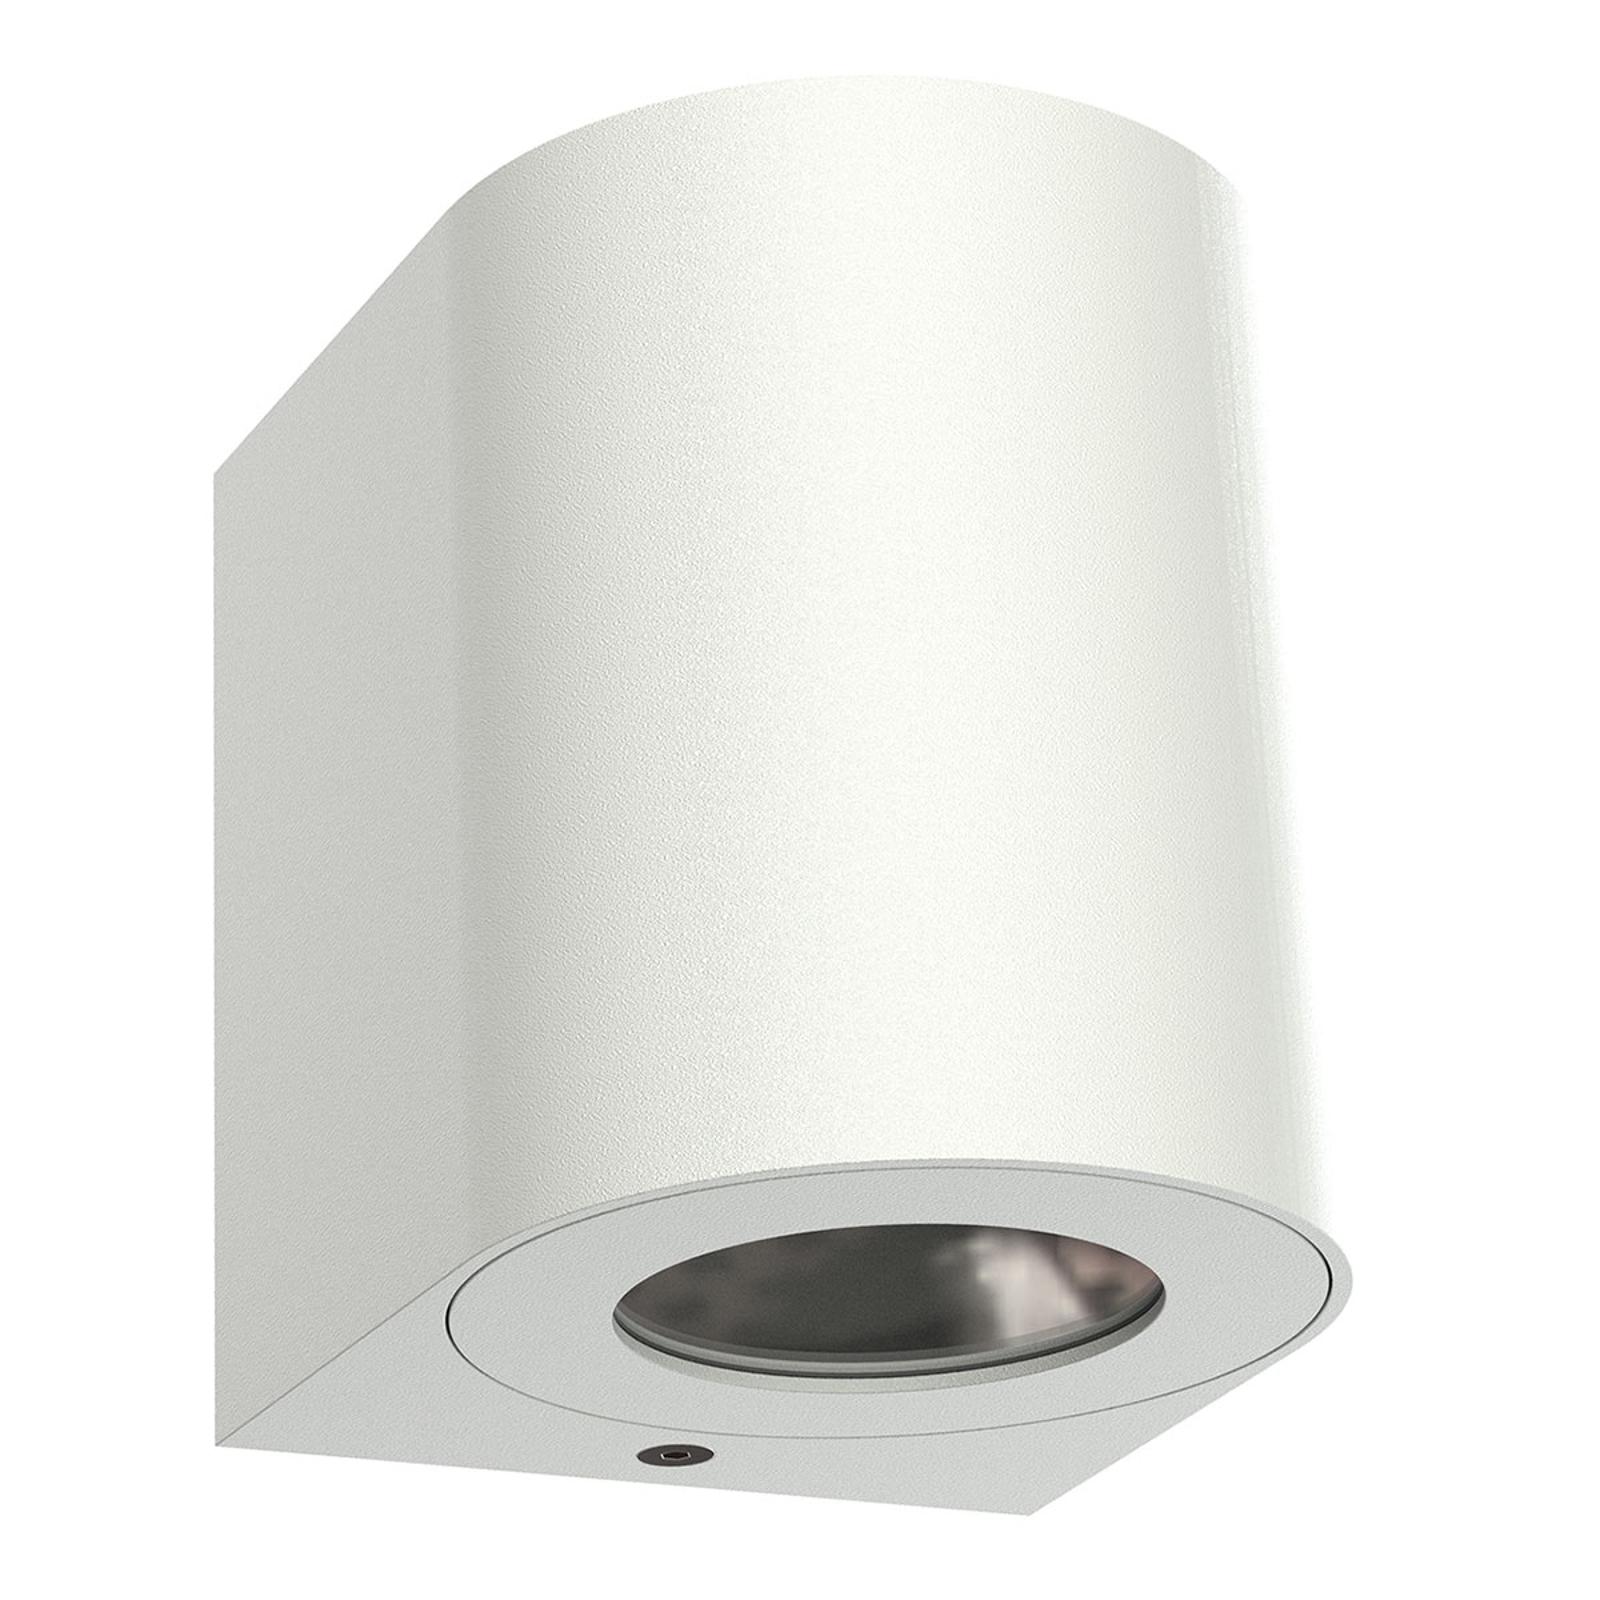 LED buitenwandlamp Canto 2, 10 cm, wit